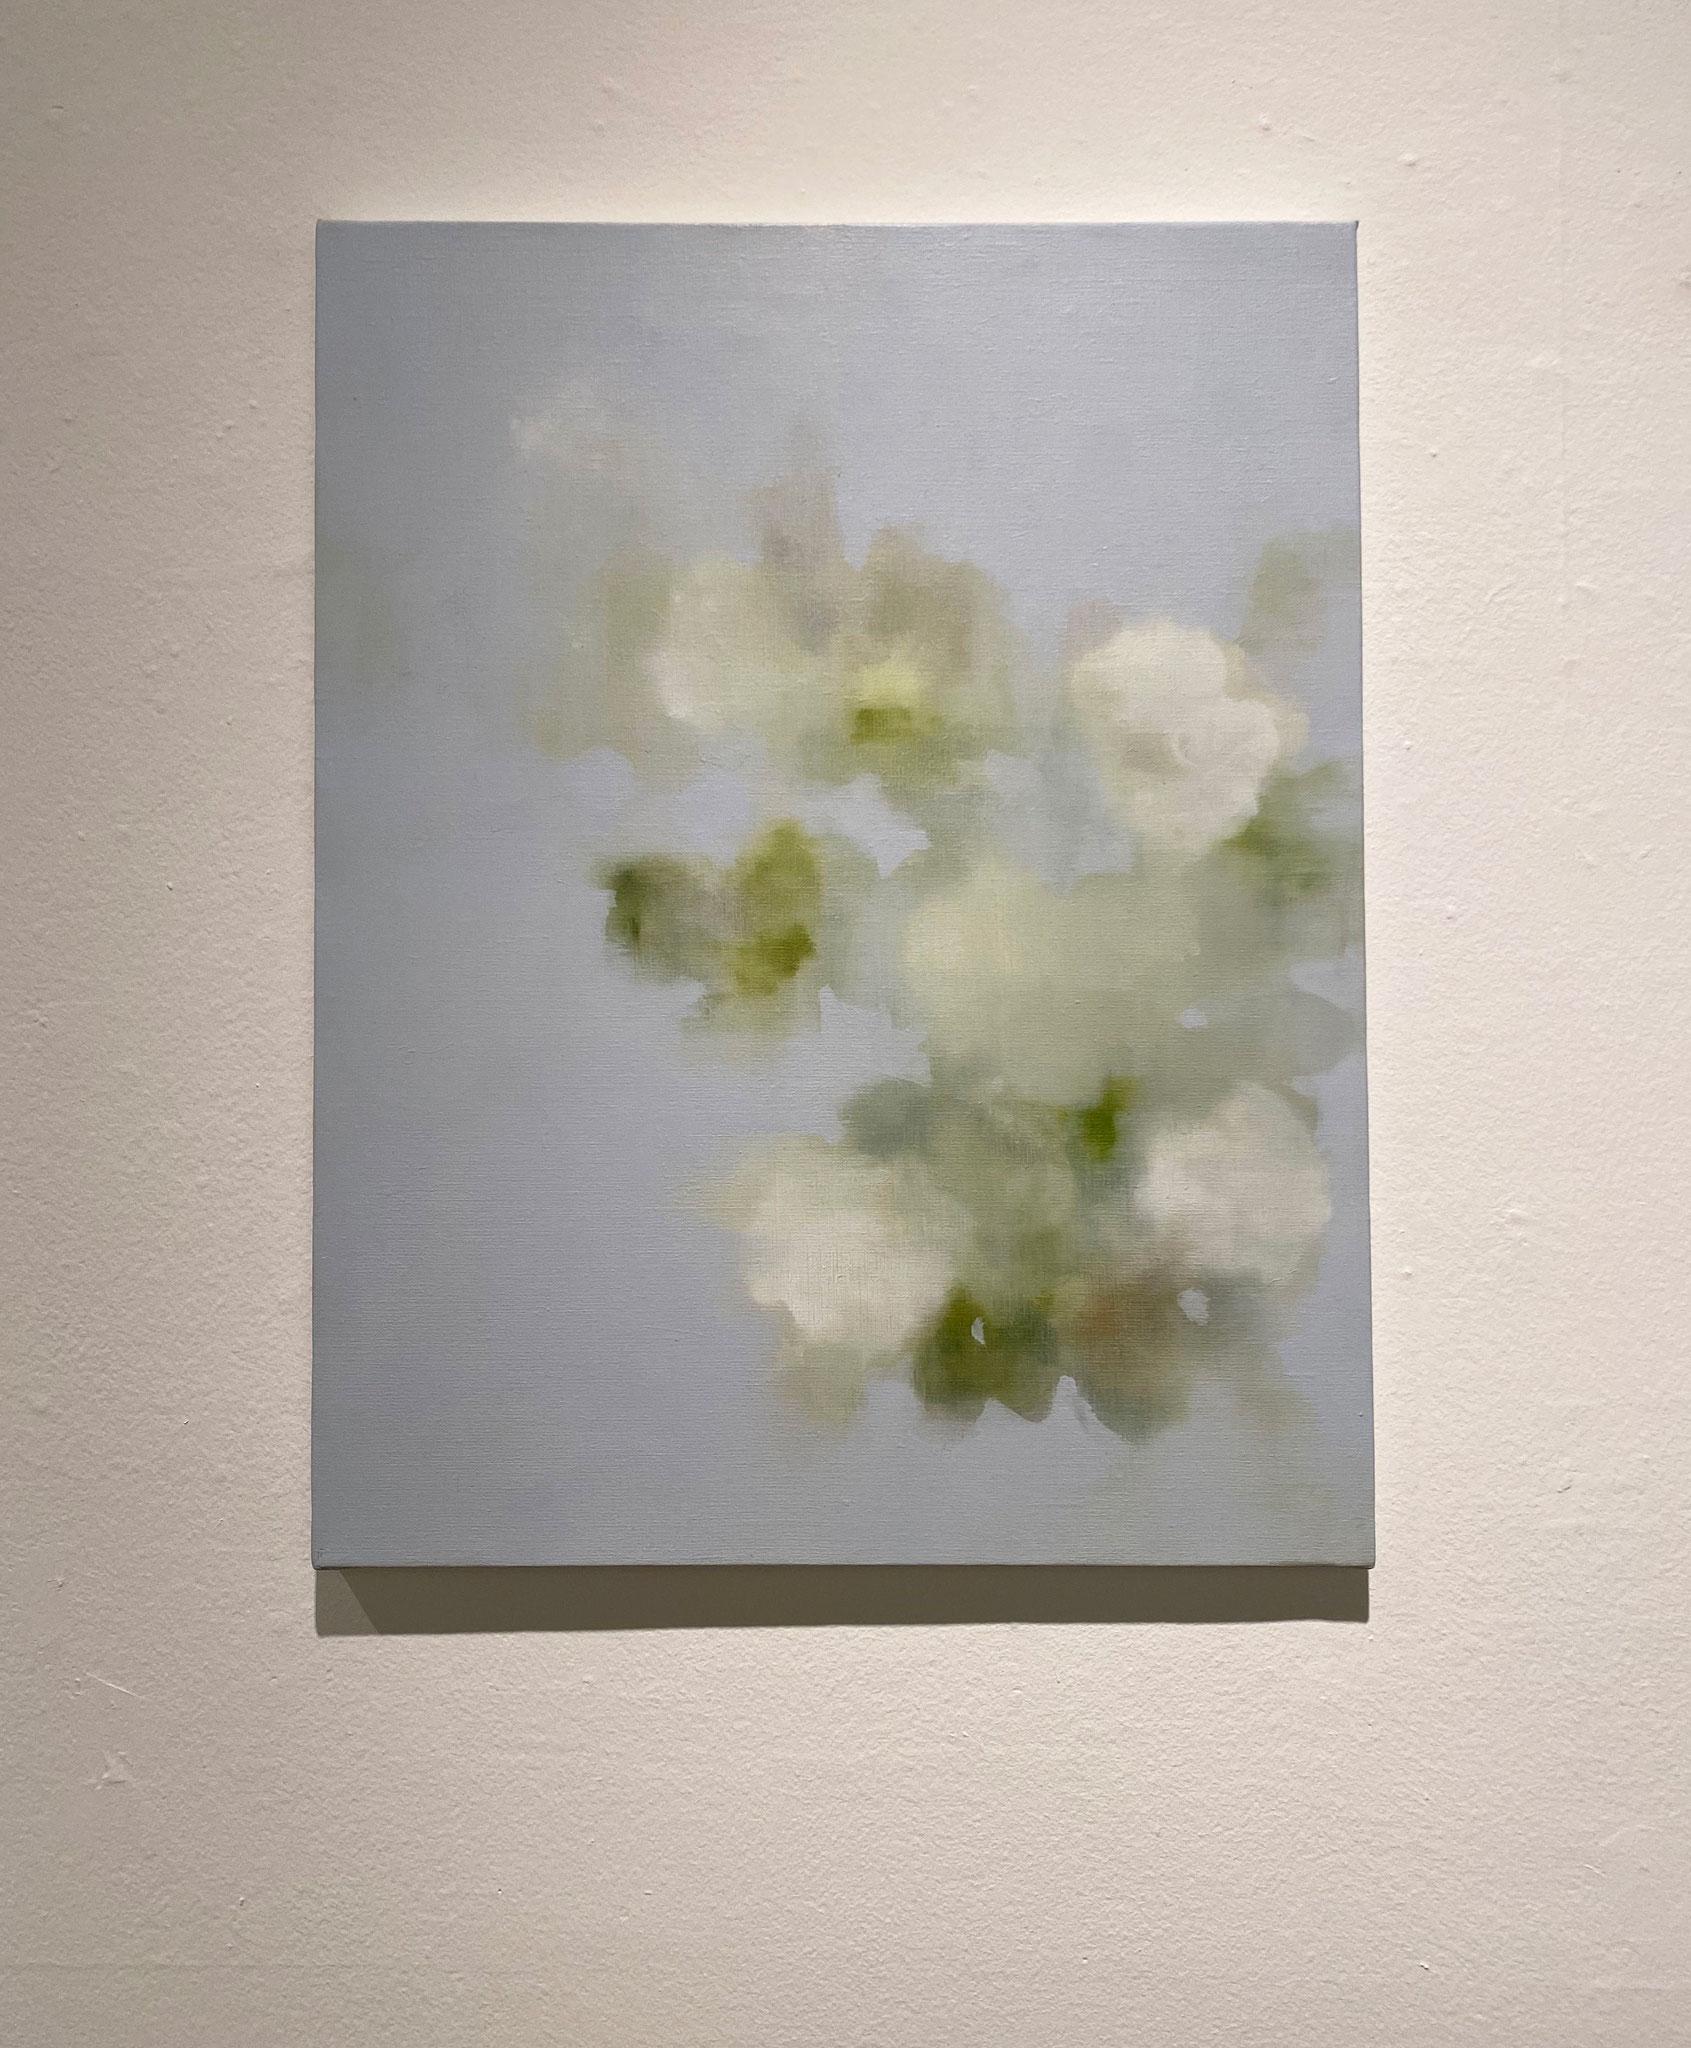 あおふれつみ,530×410,キャンバス、油彩,2020